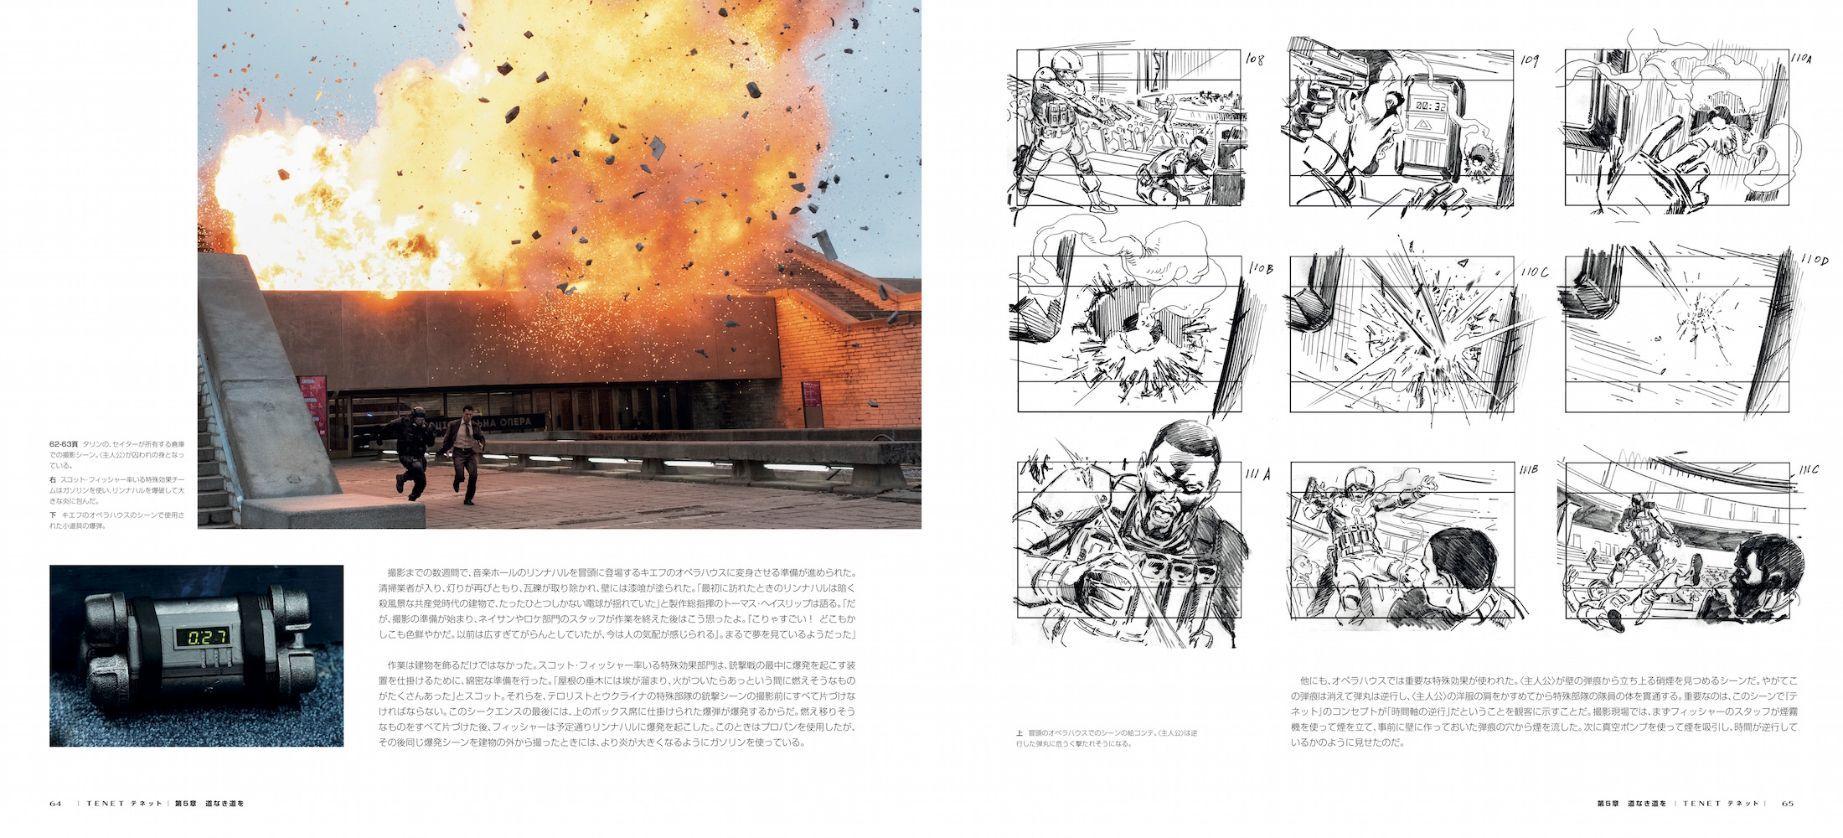 『メイキング・オブ・TENET テネット クリストファー・ノーランの制作現場』発売・発行:玄光社